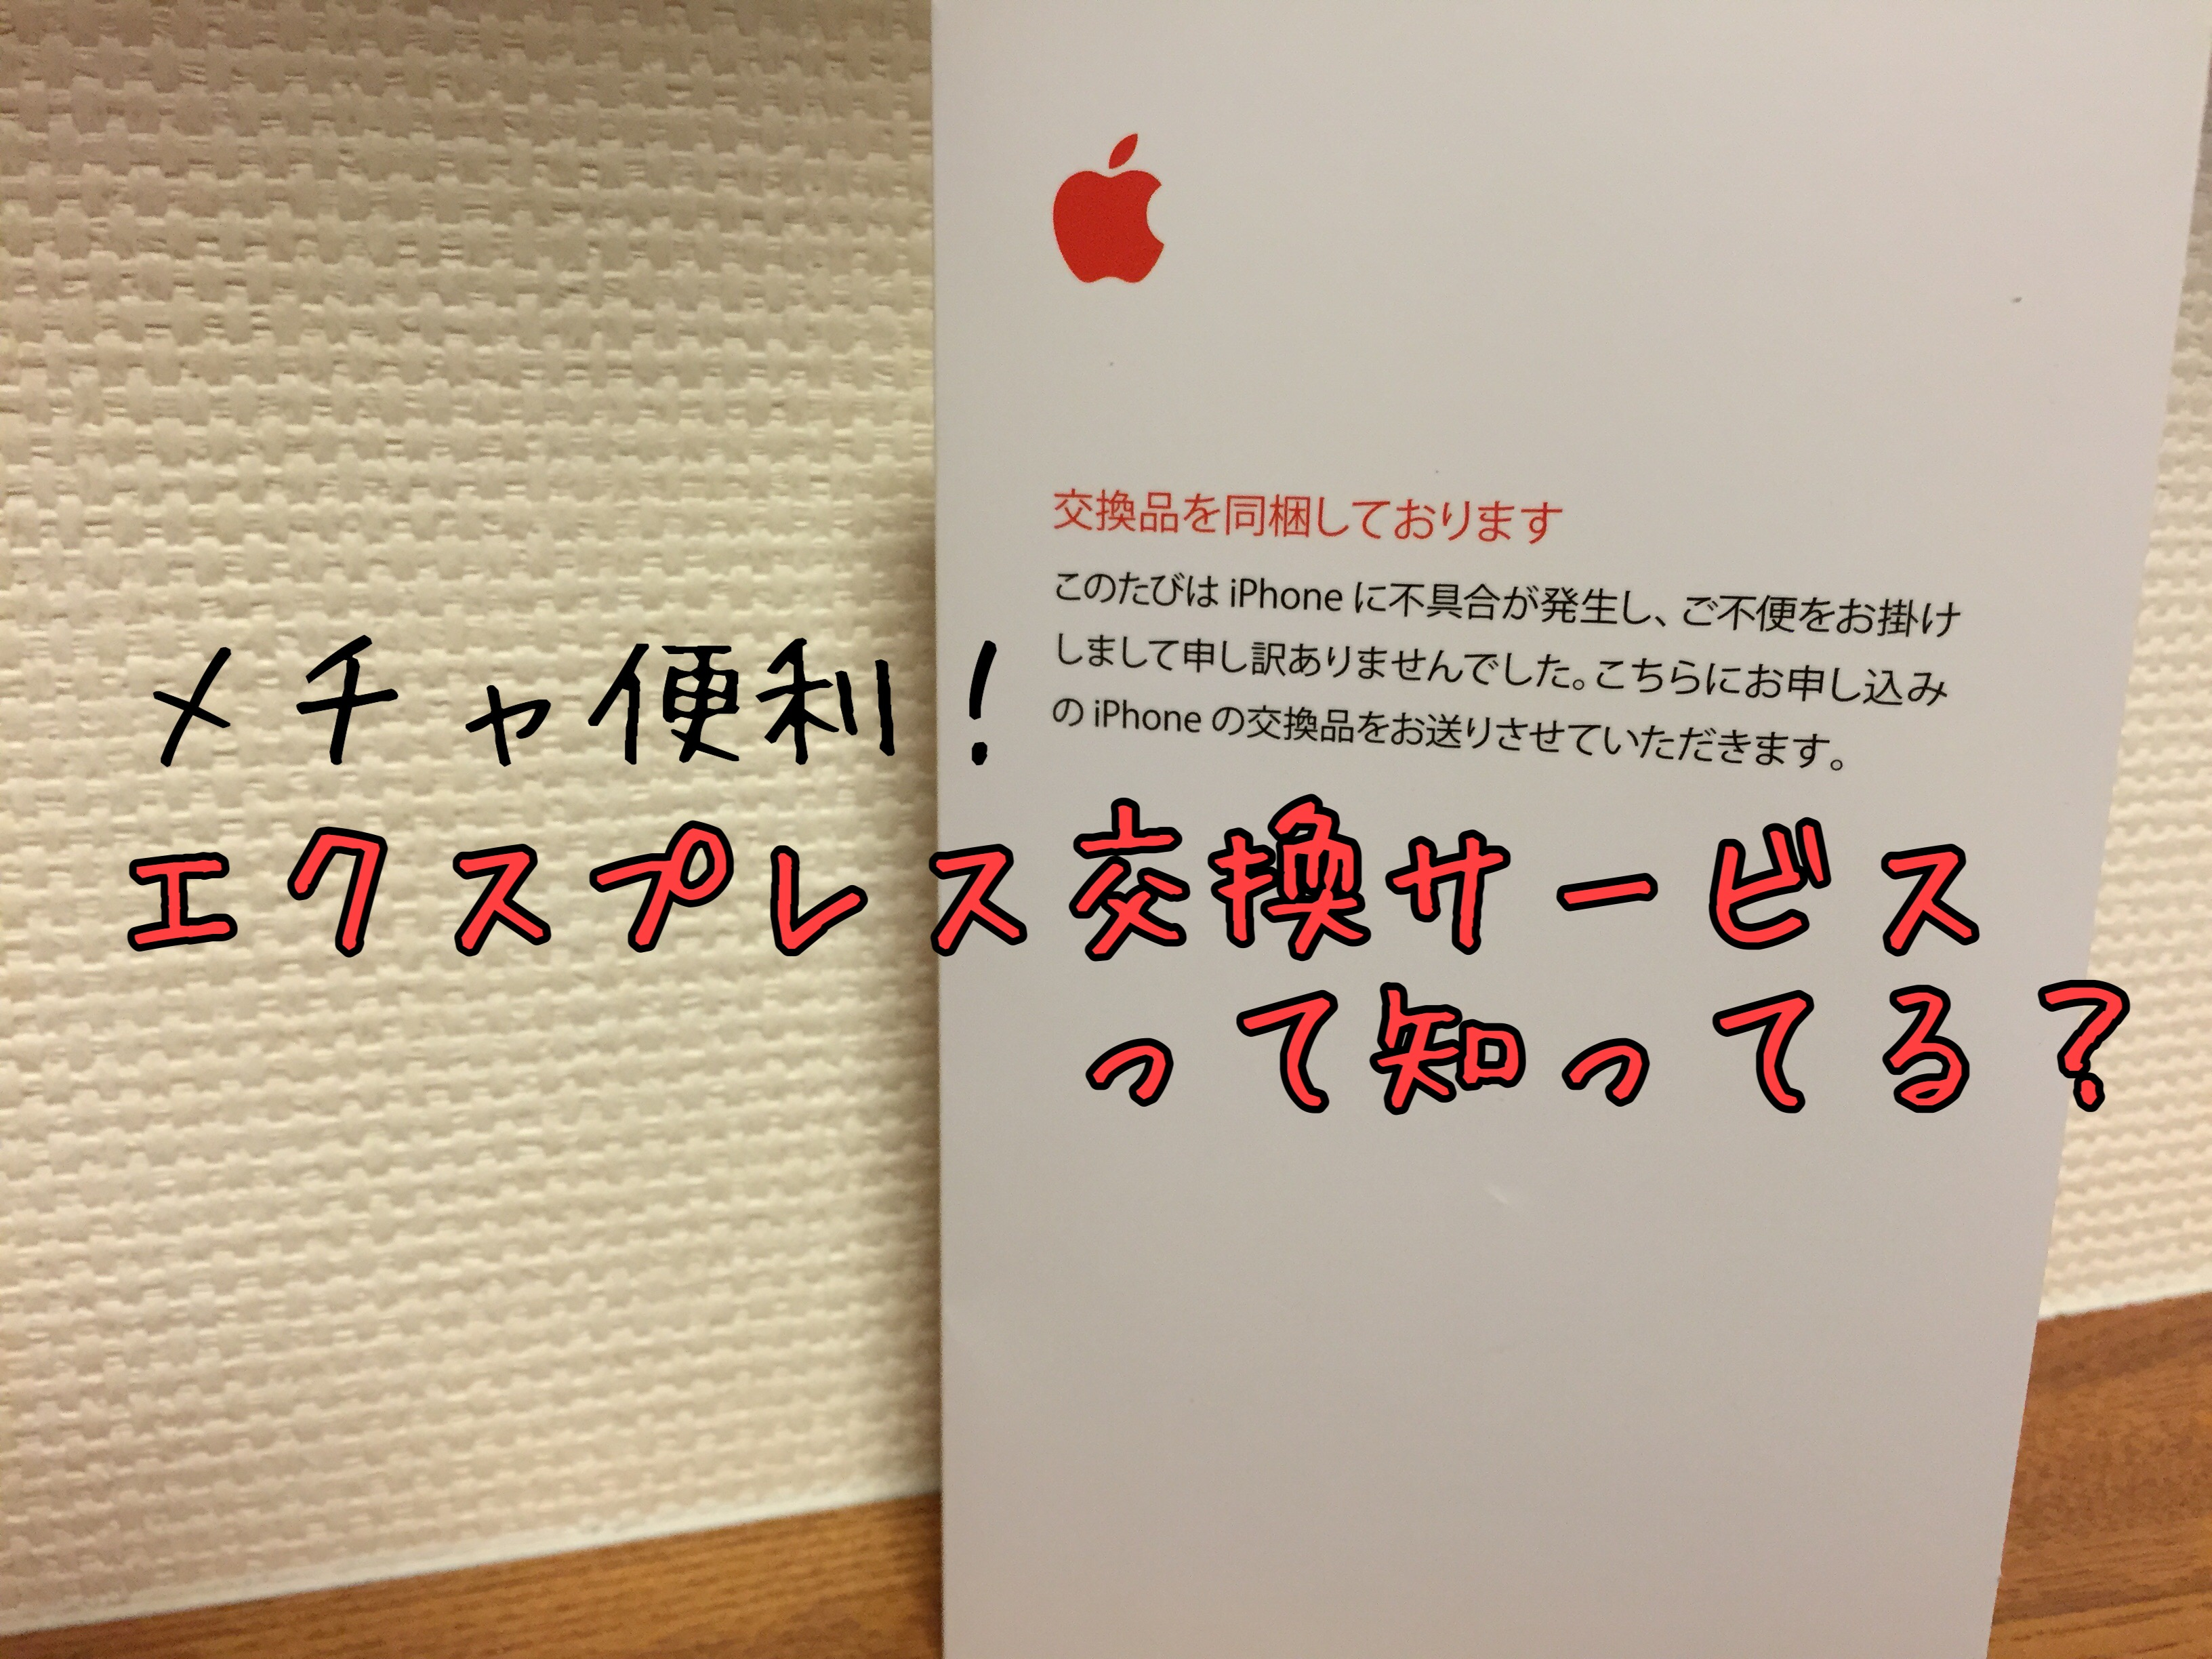 """【Apple】めちゃくちゃ便利!意外と知られていない""""エクスプレス交換サービス""""とは?"""